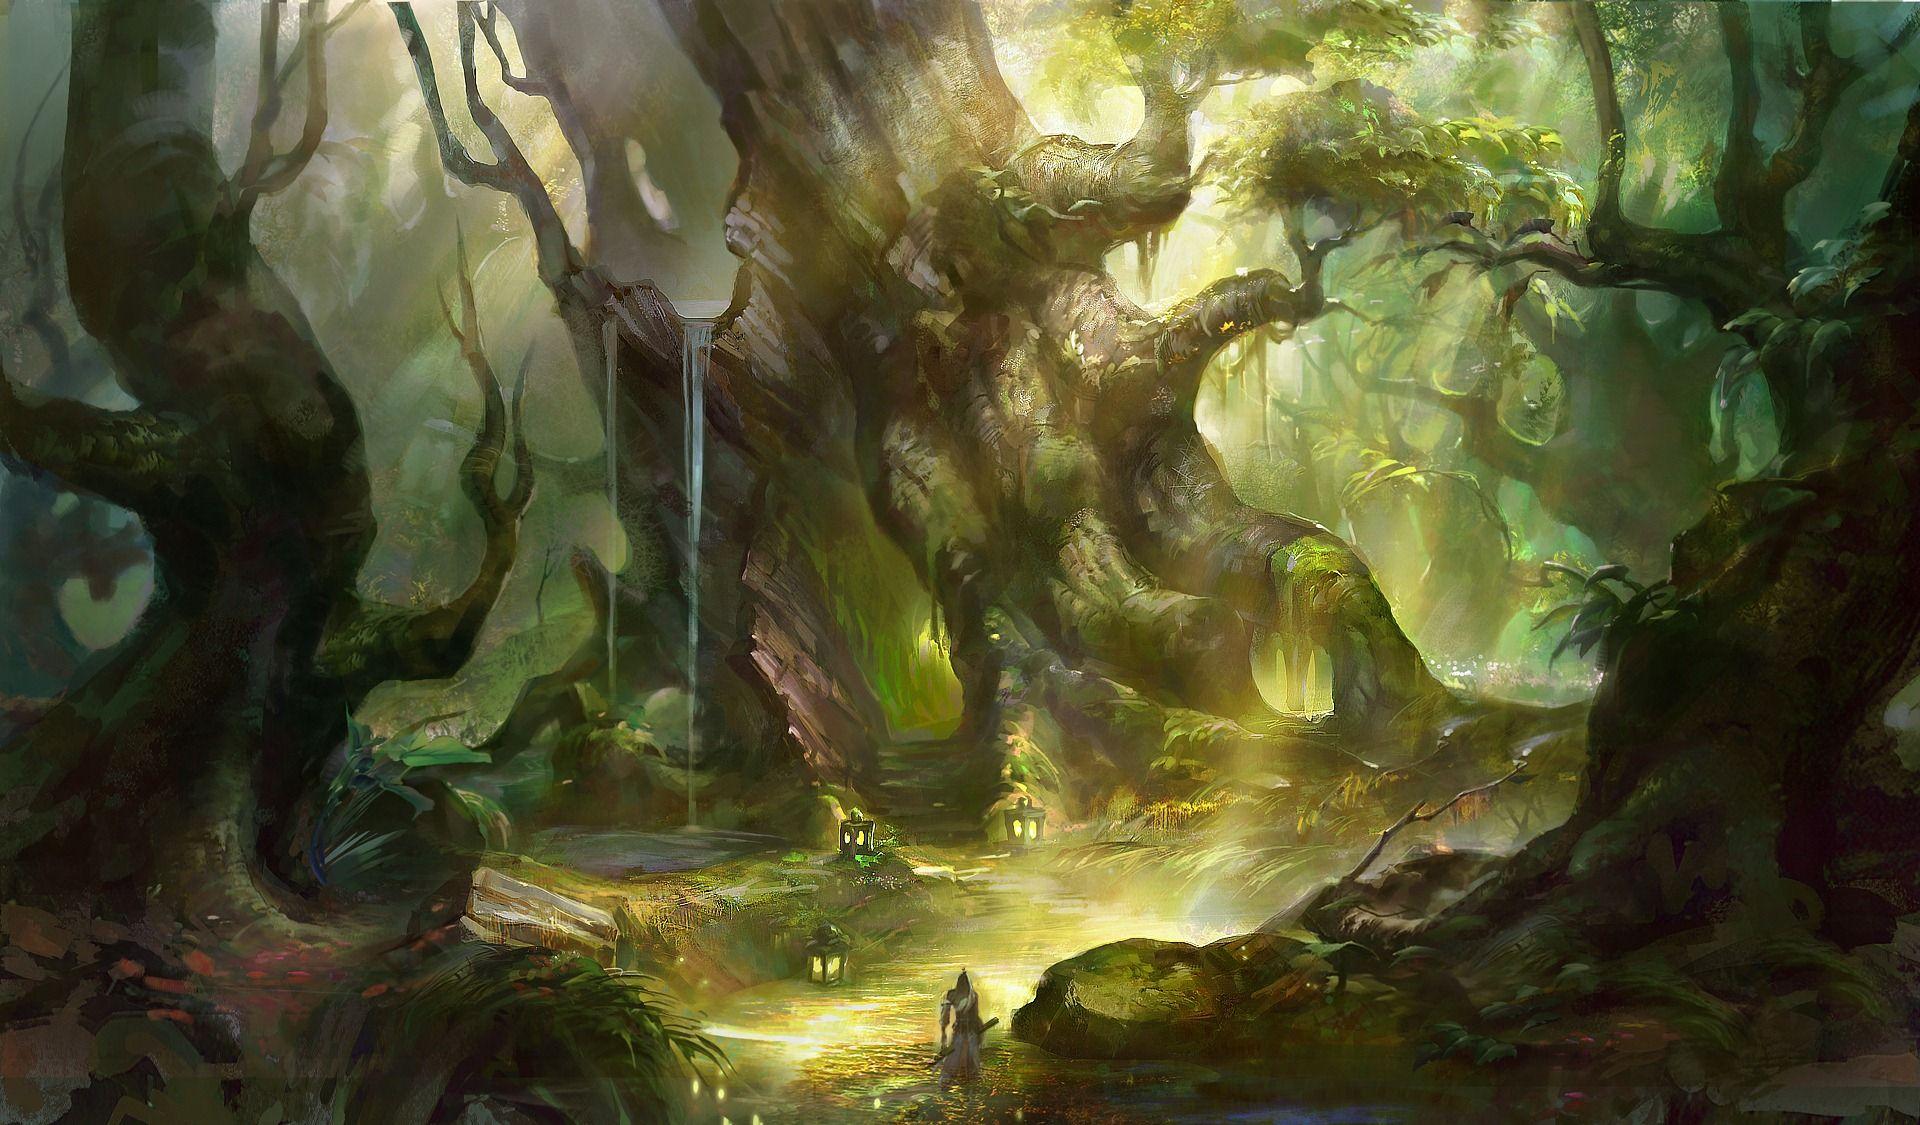 Fantasy-forest-hd-mobile-wallpaper.jpg